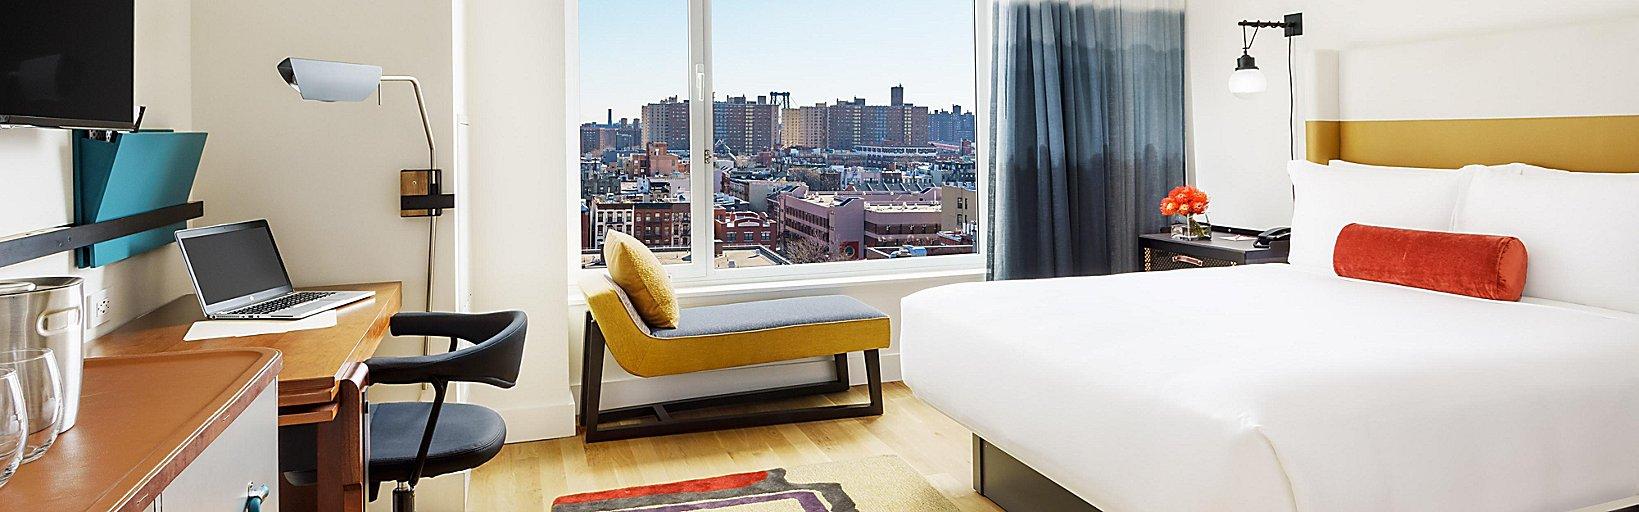 Hotel Indigo Lower East Side New York - Prenota il tuo ...